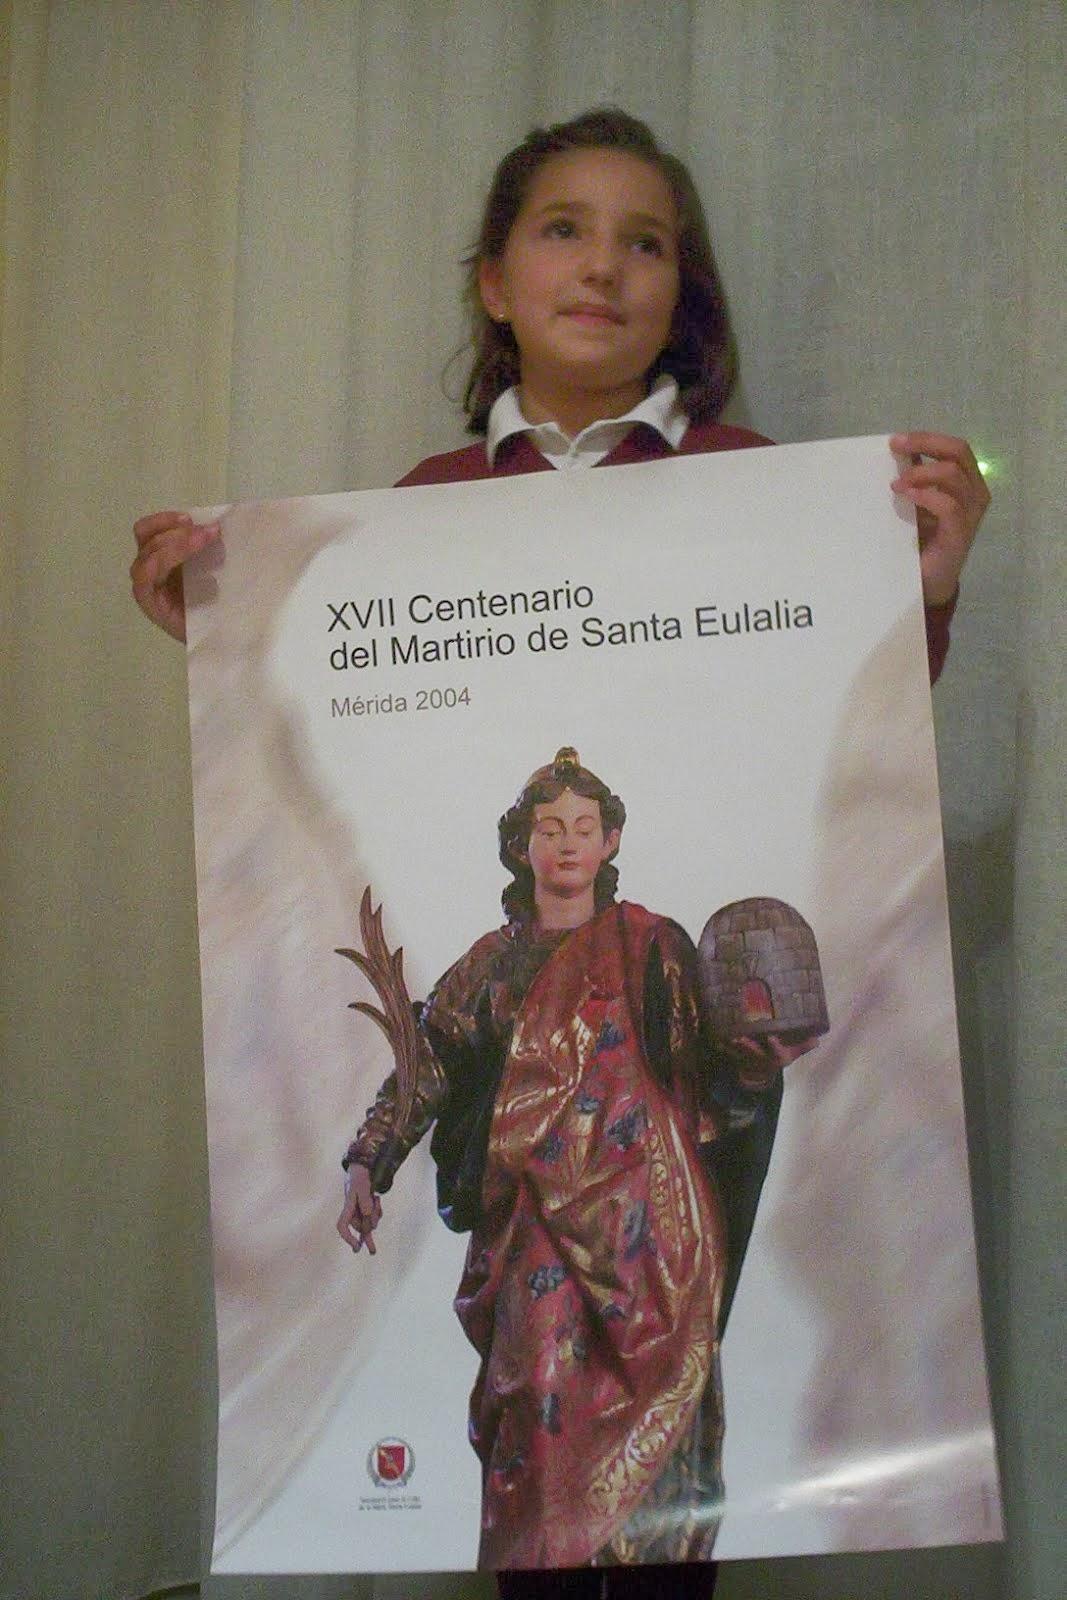 Cartel del XVII Centenario del Martirio de Santa Eulalia.